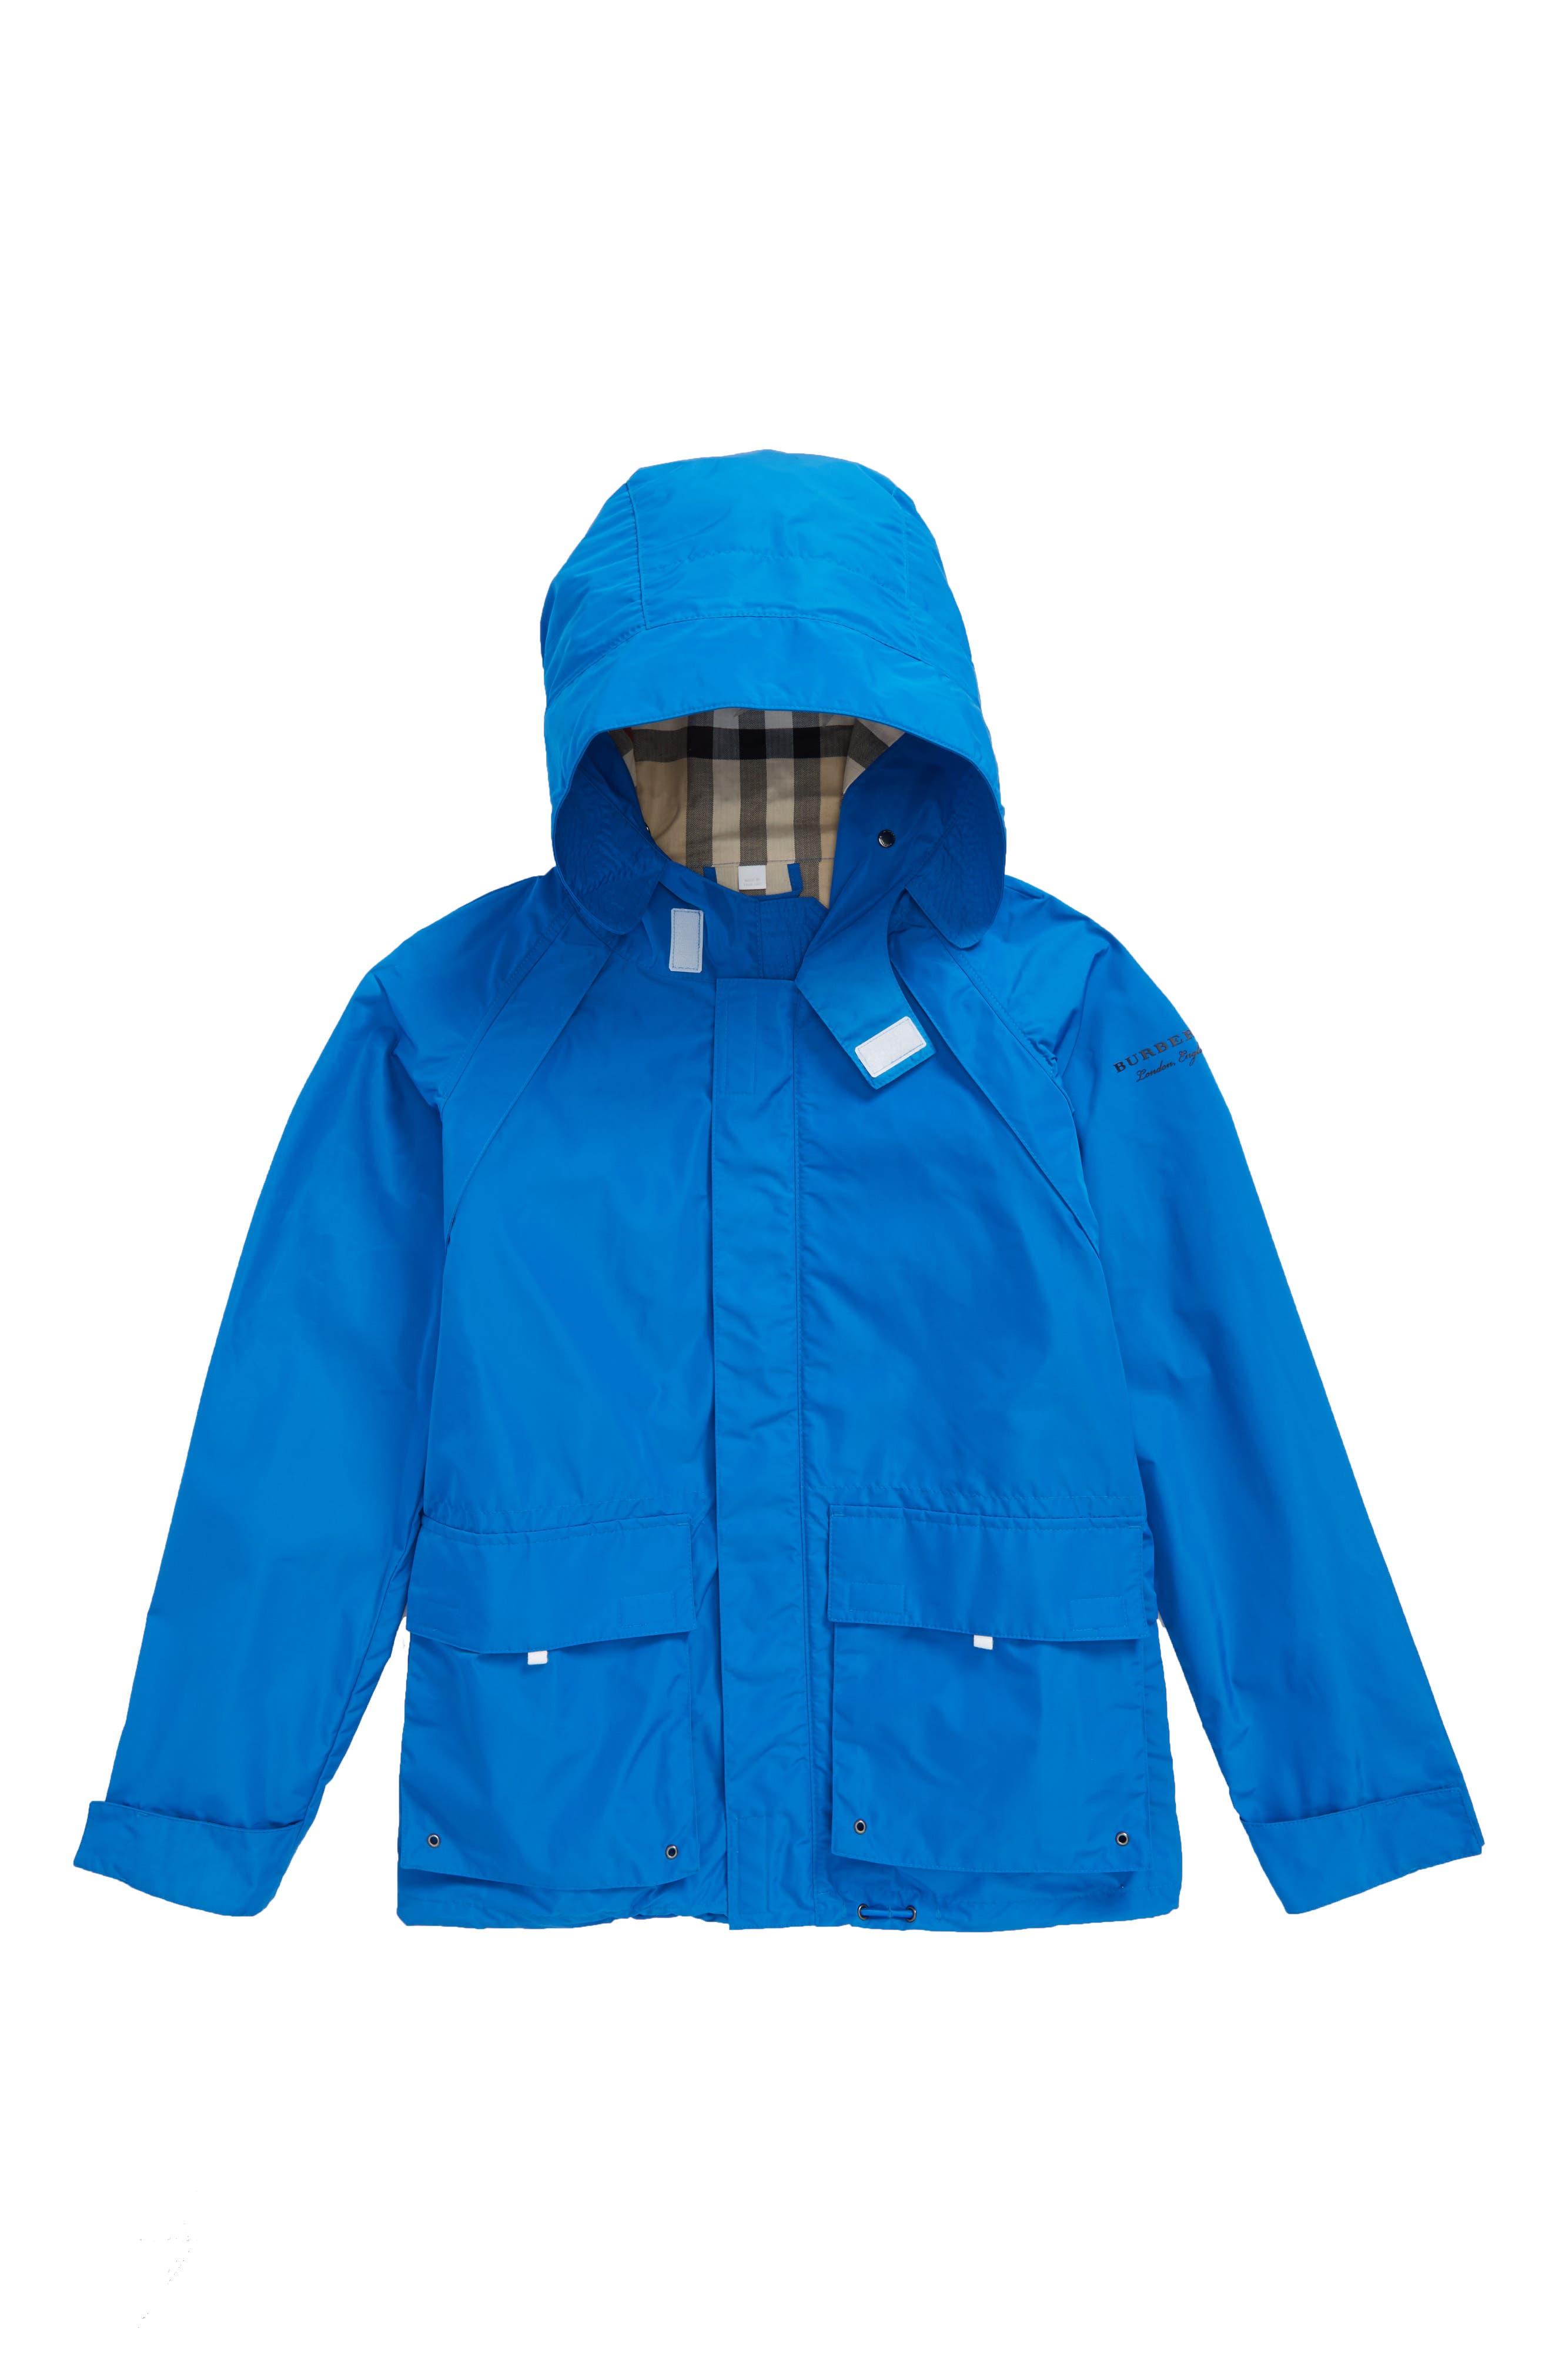 Yately Waterproof Field Jacket,                         Main,                         color, 420